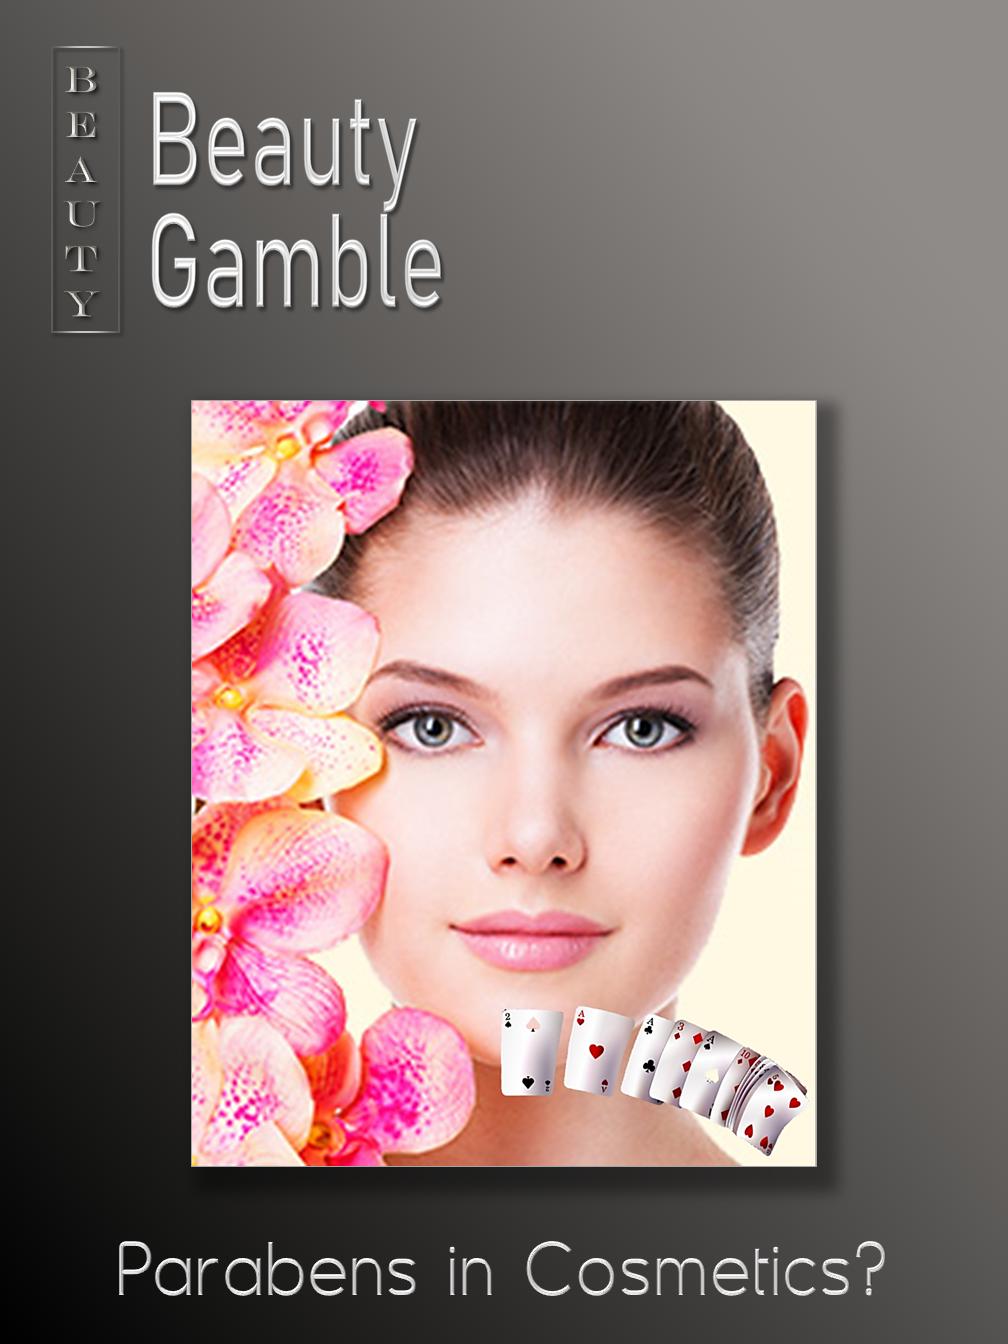 Beauty Gamble